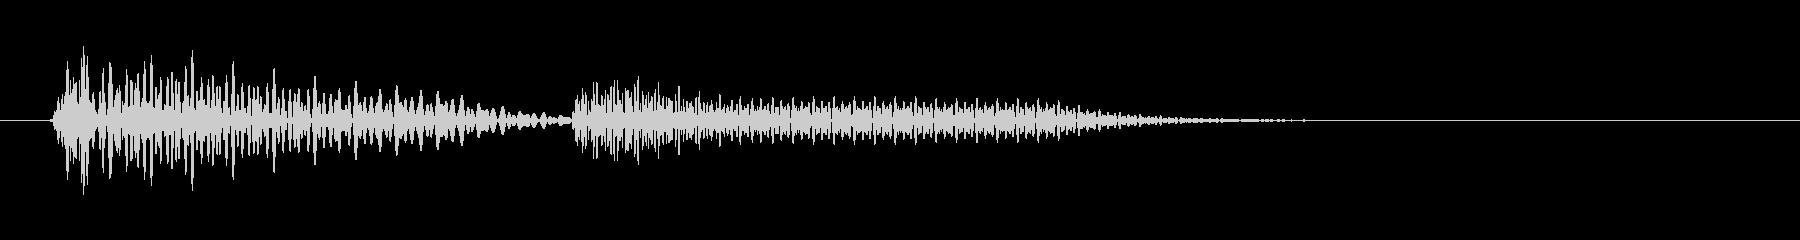 ドピ(クリック・プッシュ音)の未再生の波形